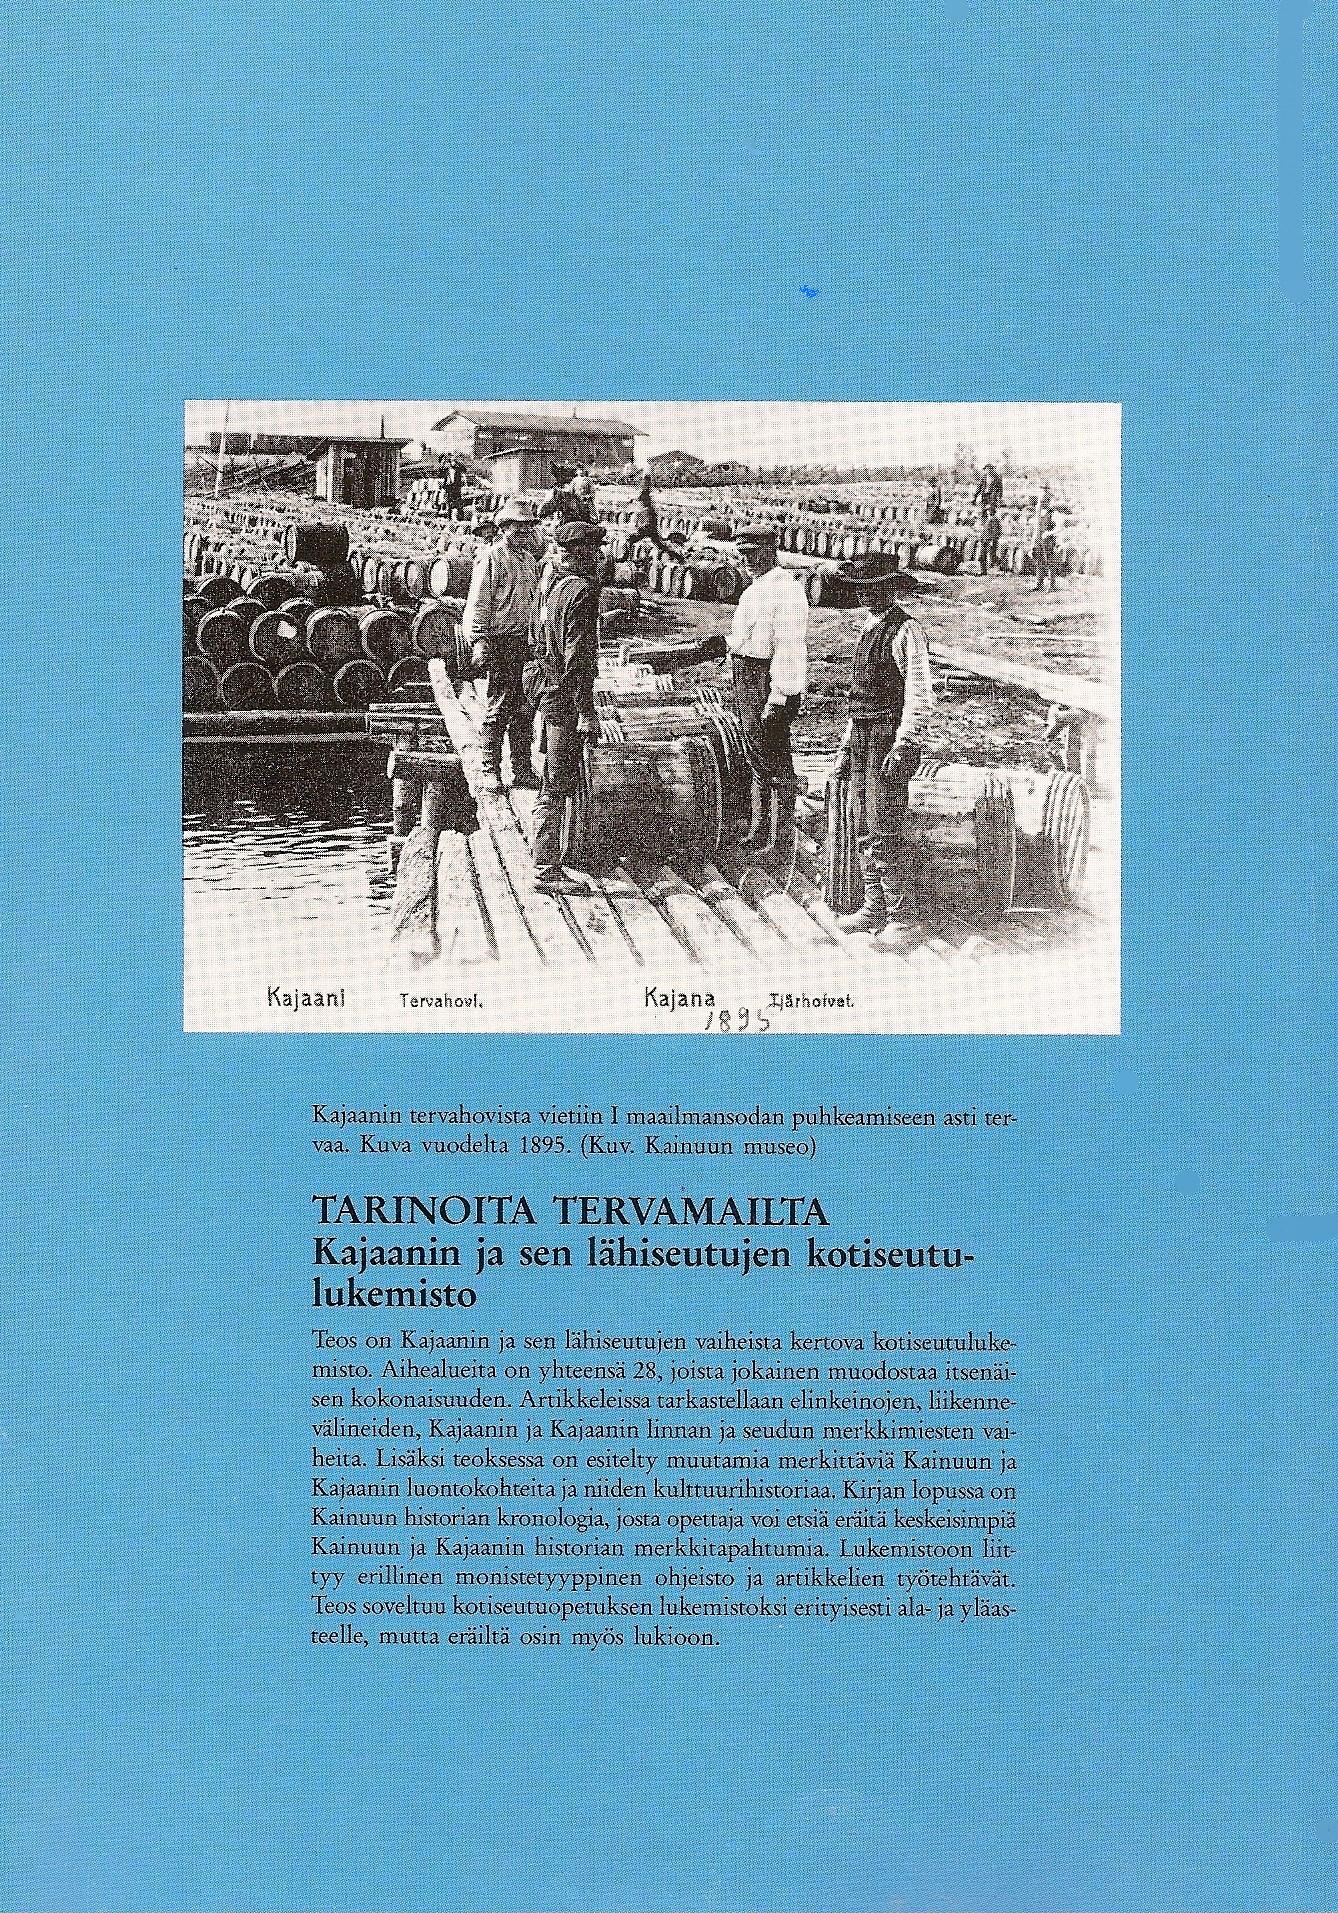 Tarinoita tervamailta 1989 Takakansi